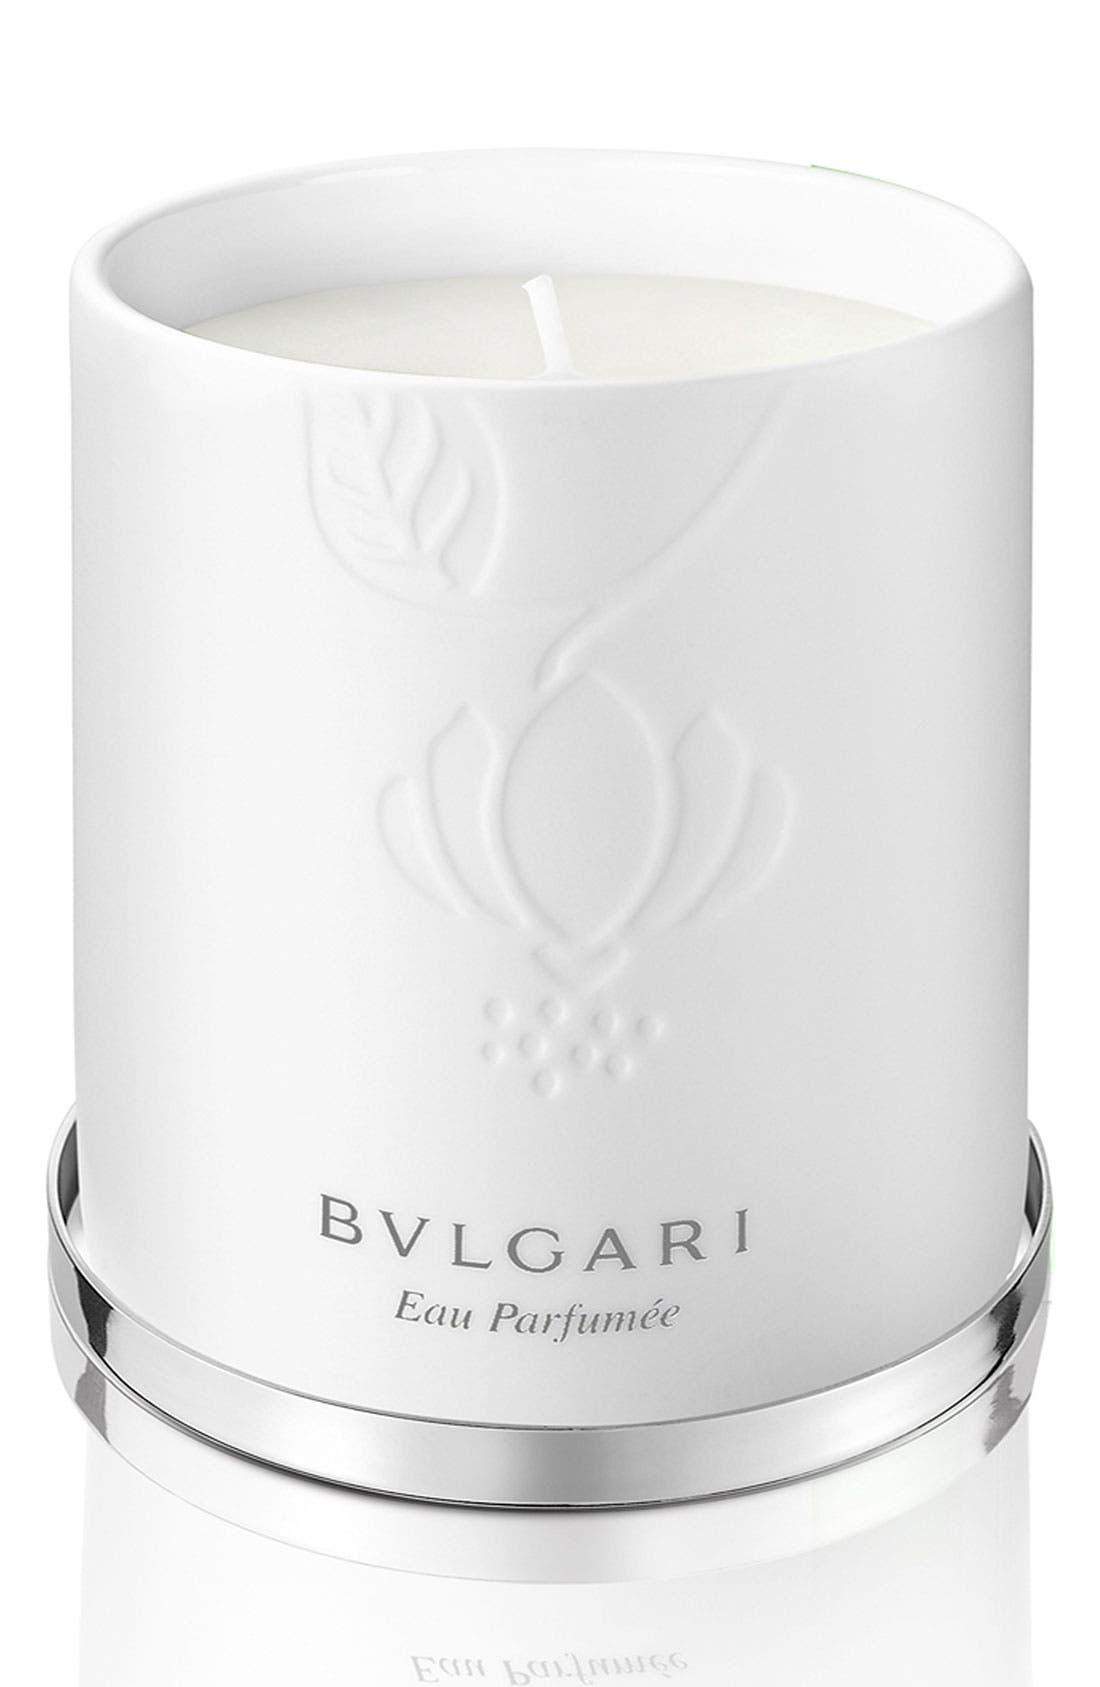 BVLGARI 'Eau Parfumée au thé vert' Candle